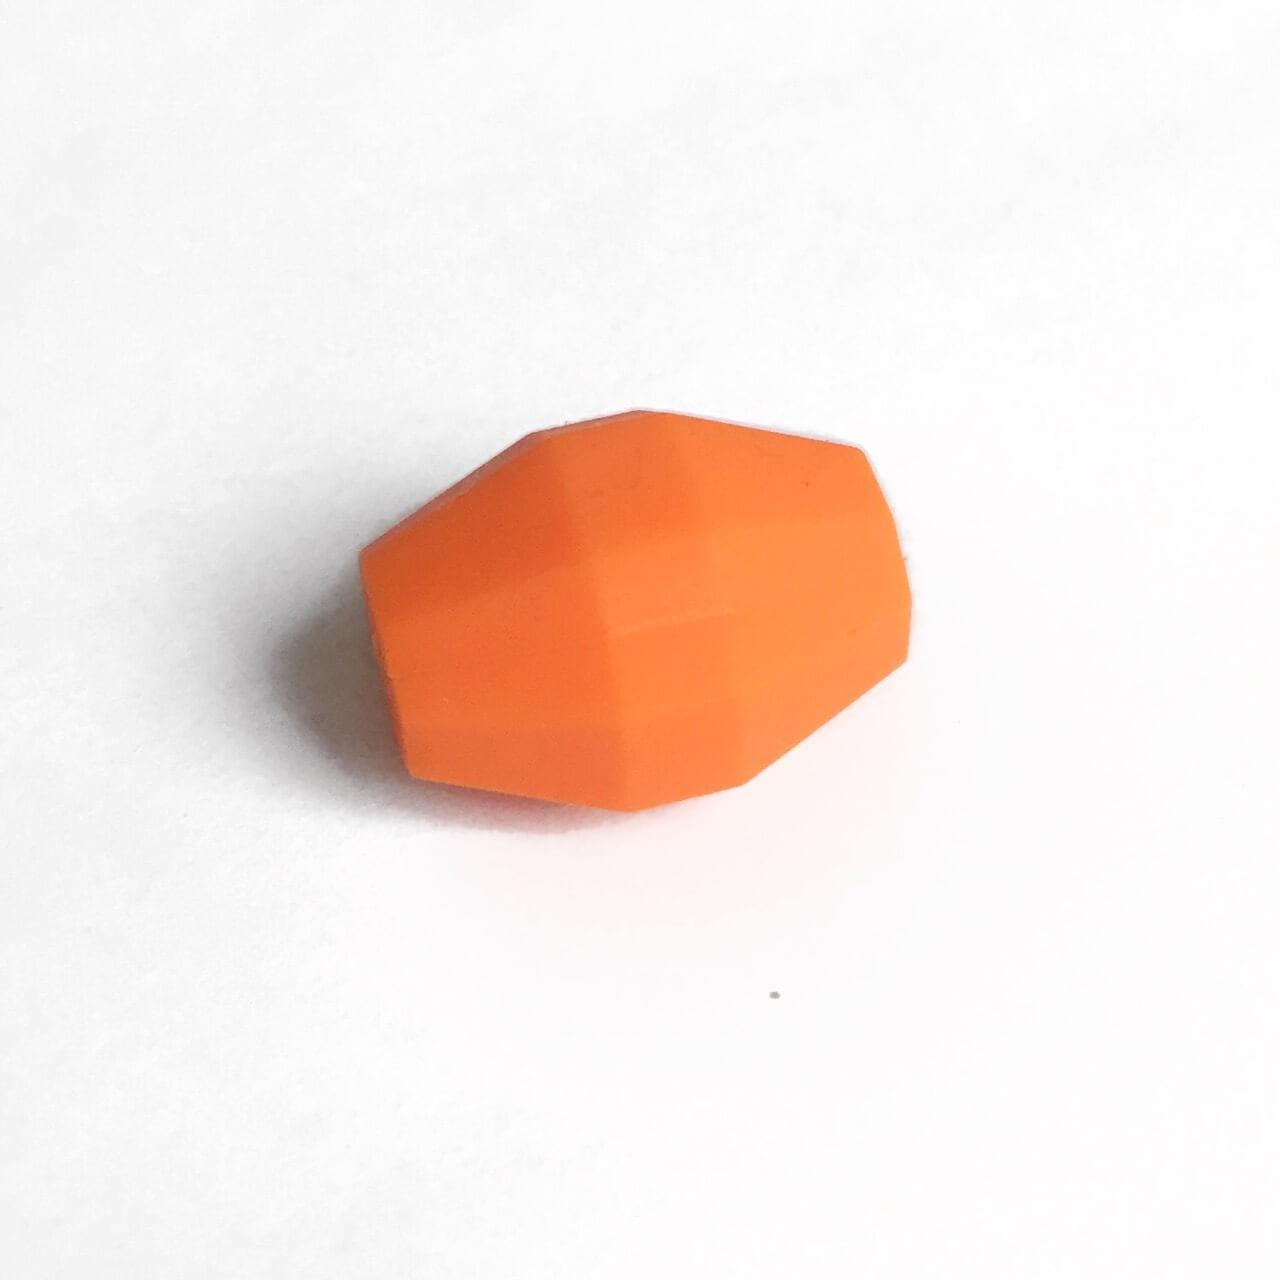 Бочка (оранжевый)  бусина из силикона